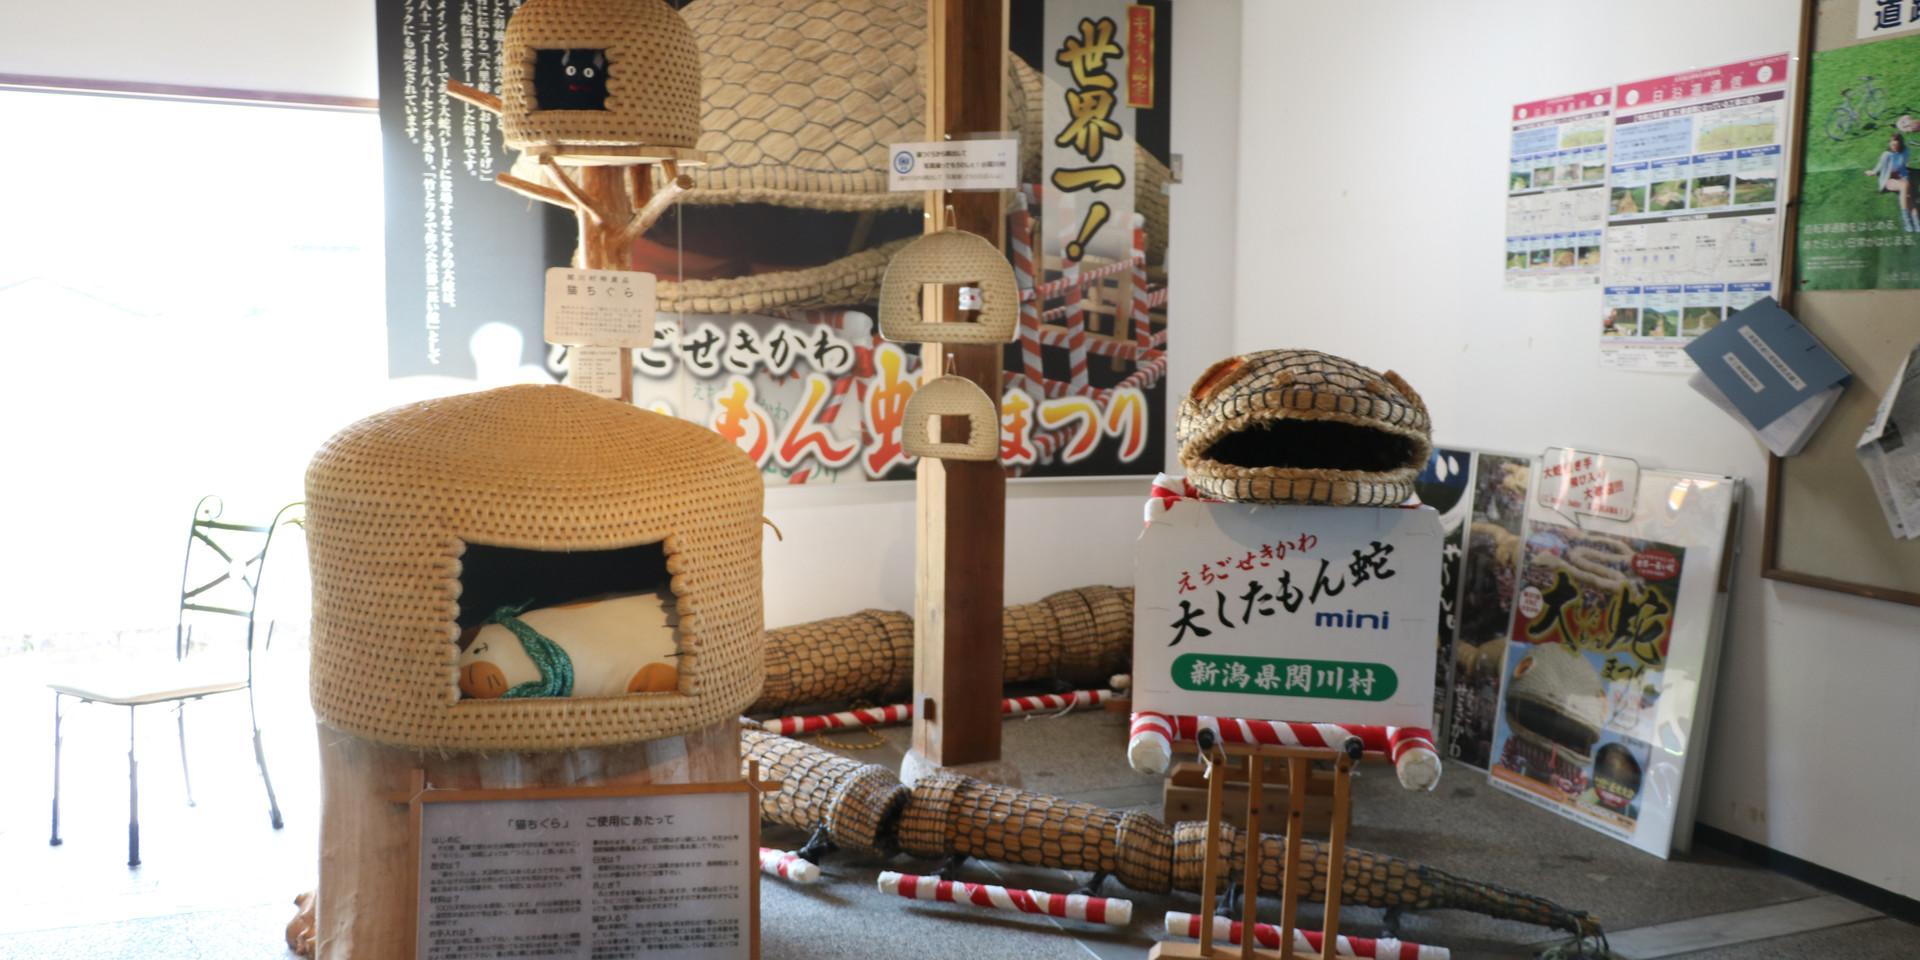 にゃーむ展示.JPG